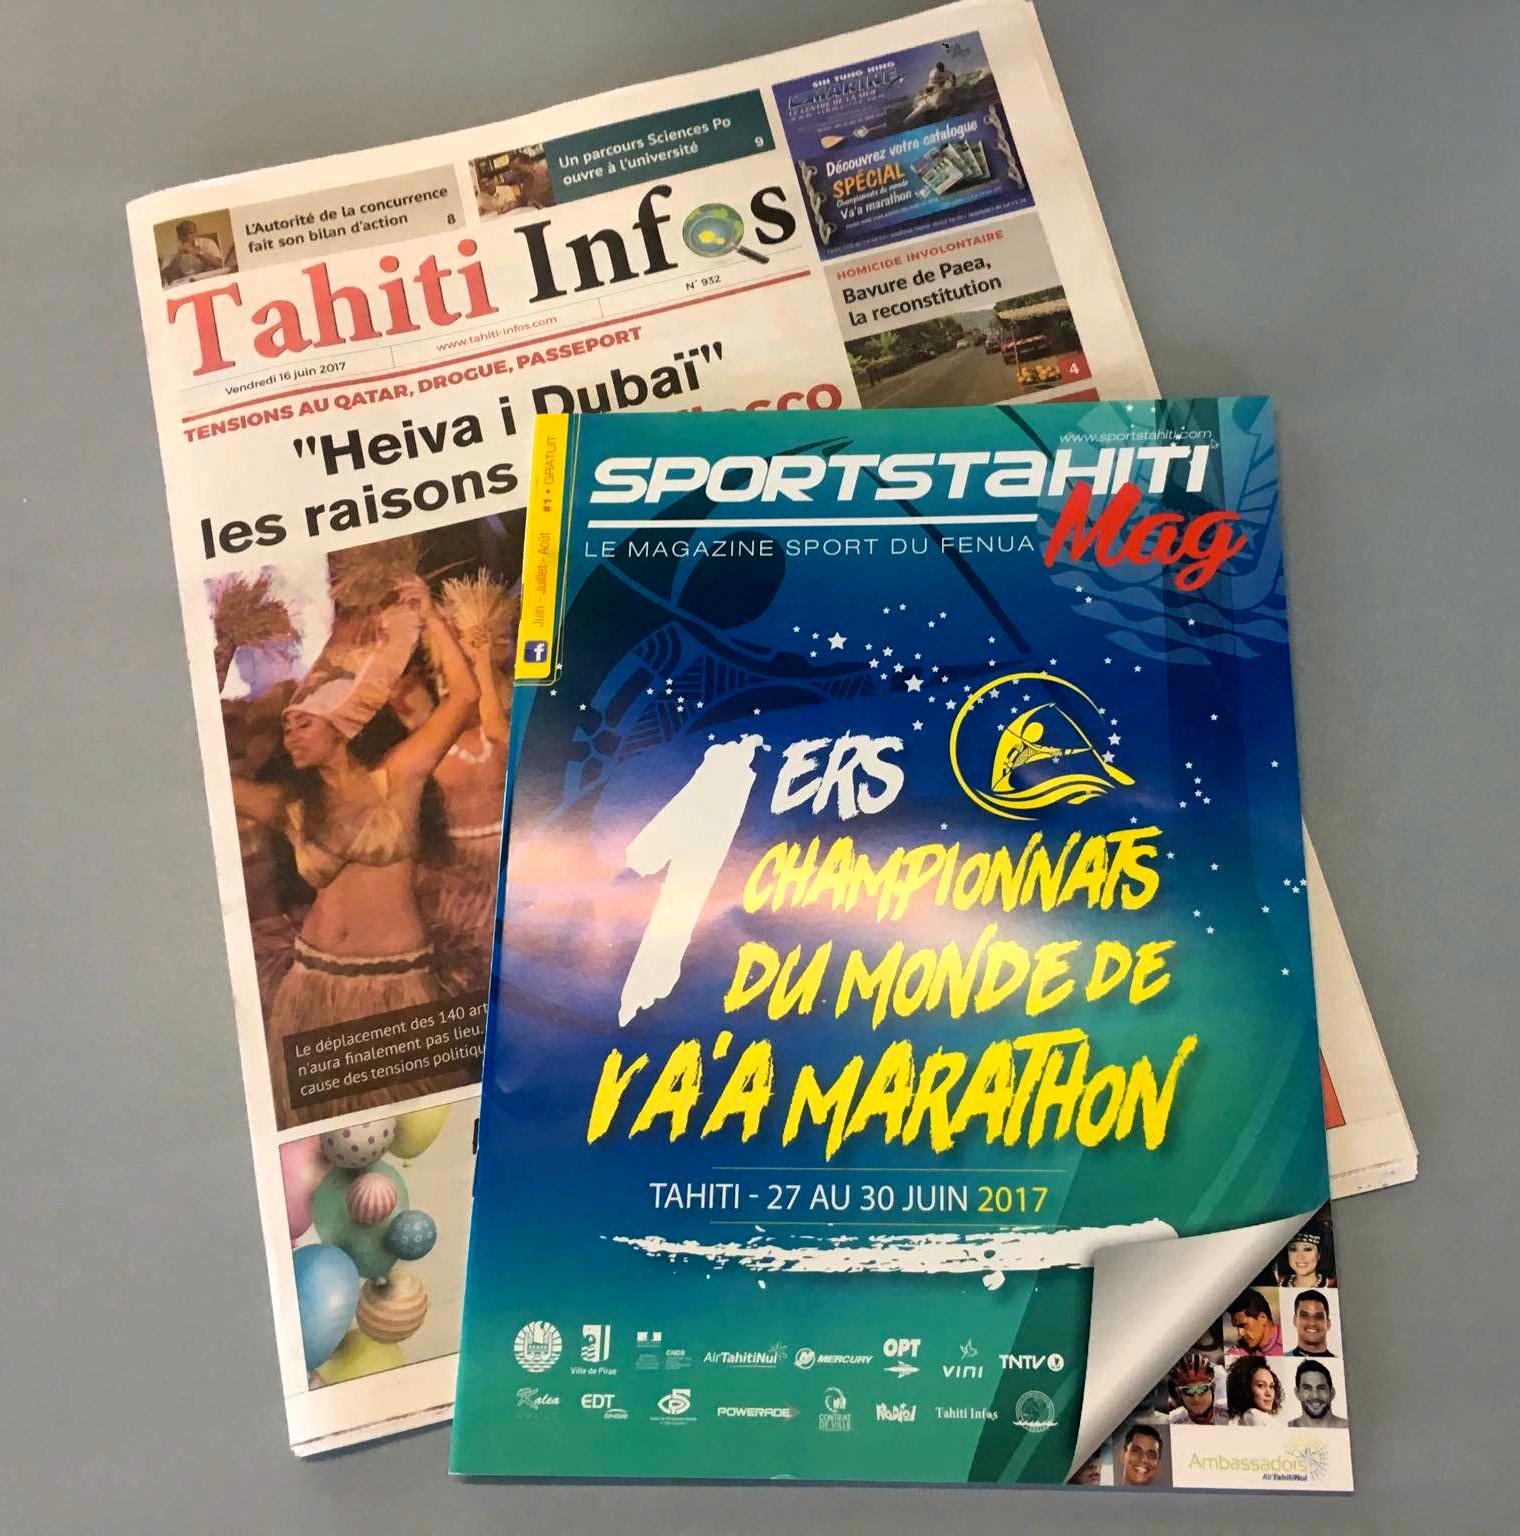 Sport TahitiMag, un nouveau venu